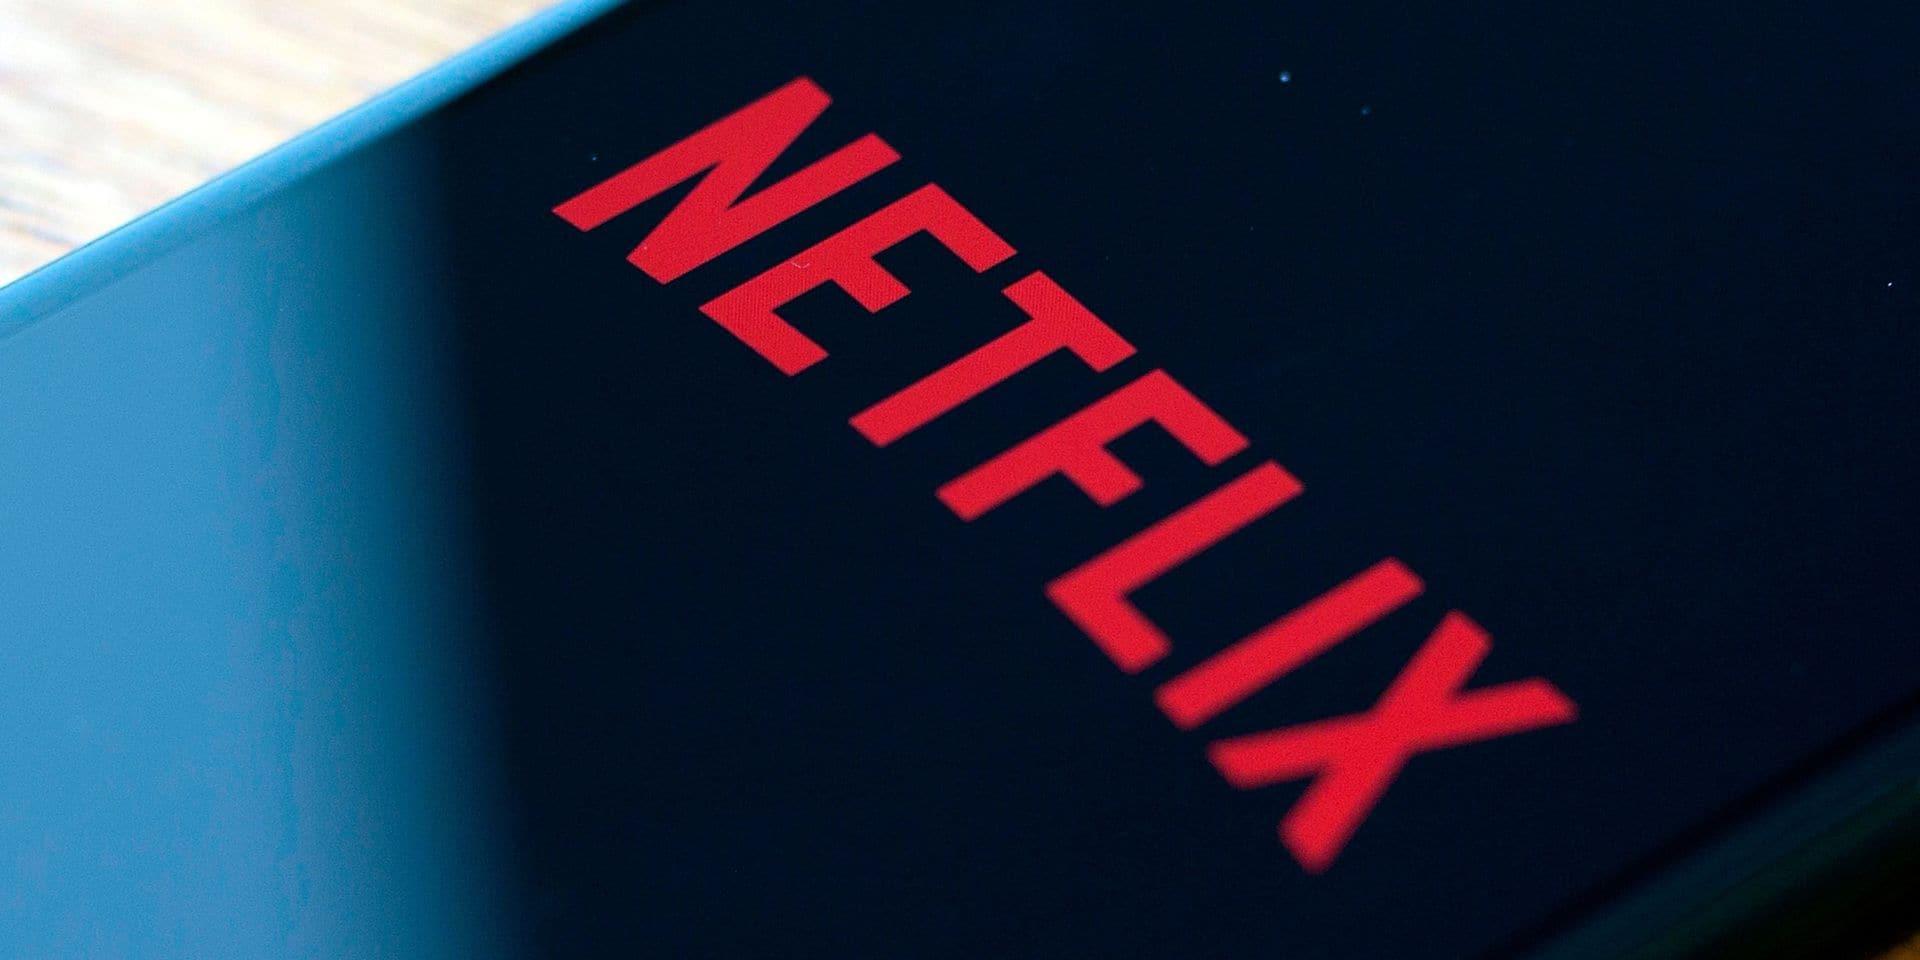 Le mois d'essai gratuit sur Netflix ... c'est fini !